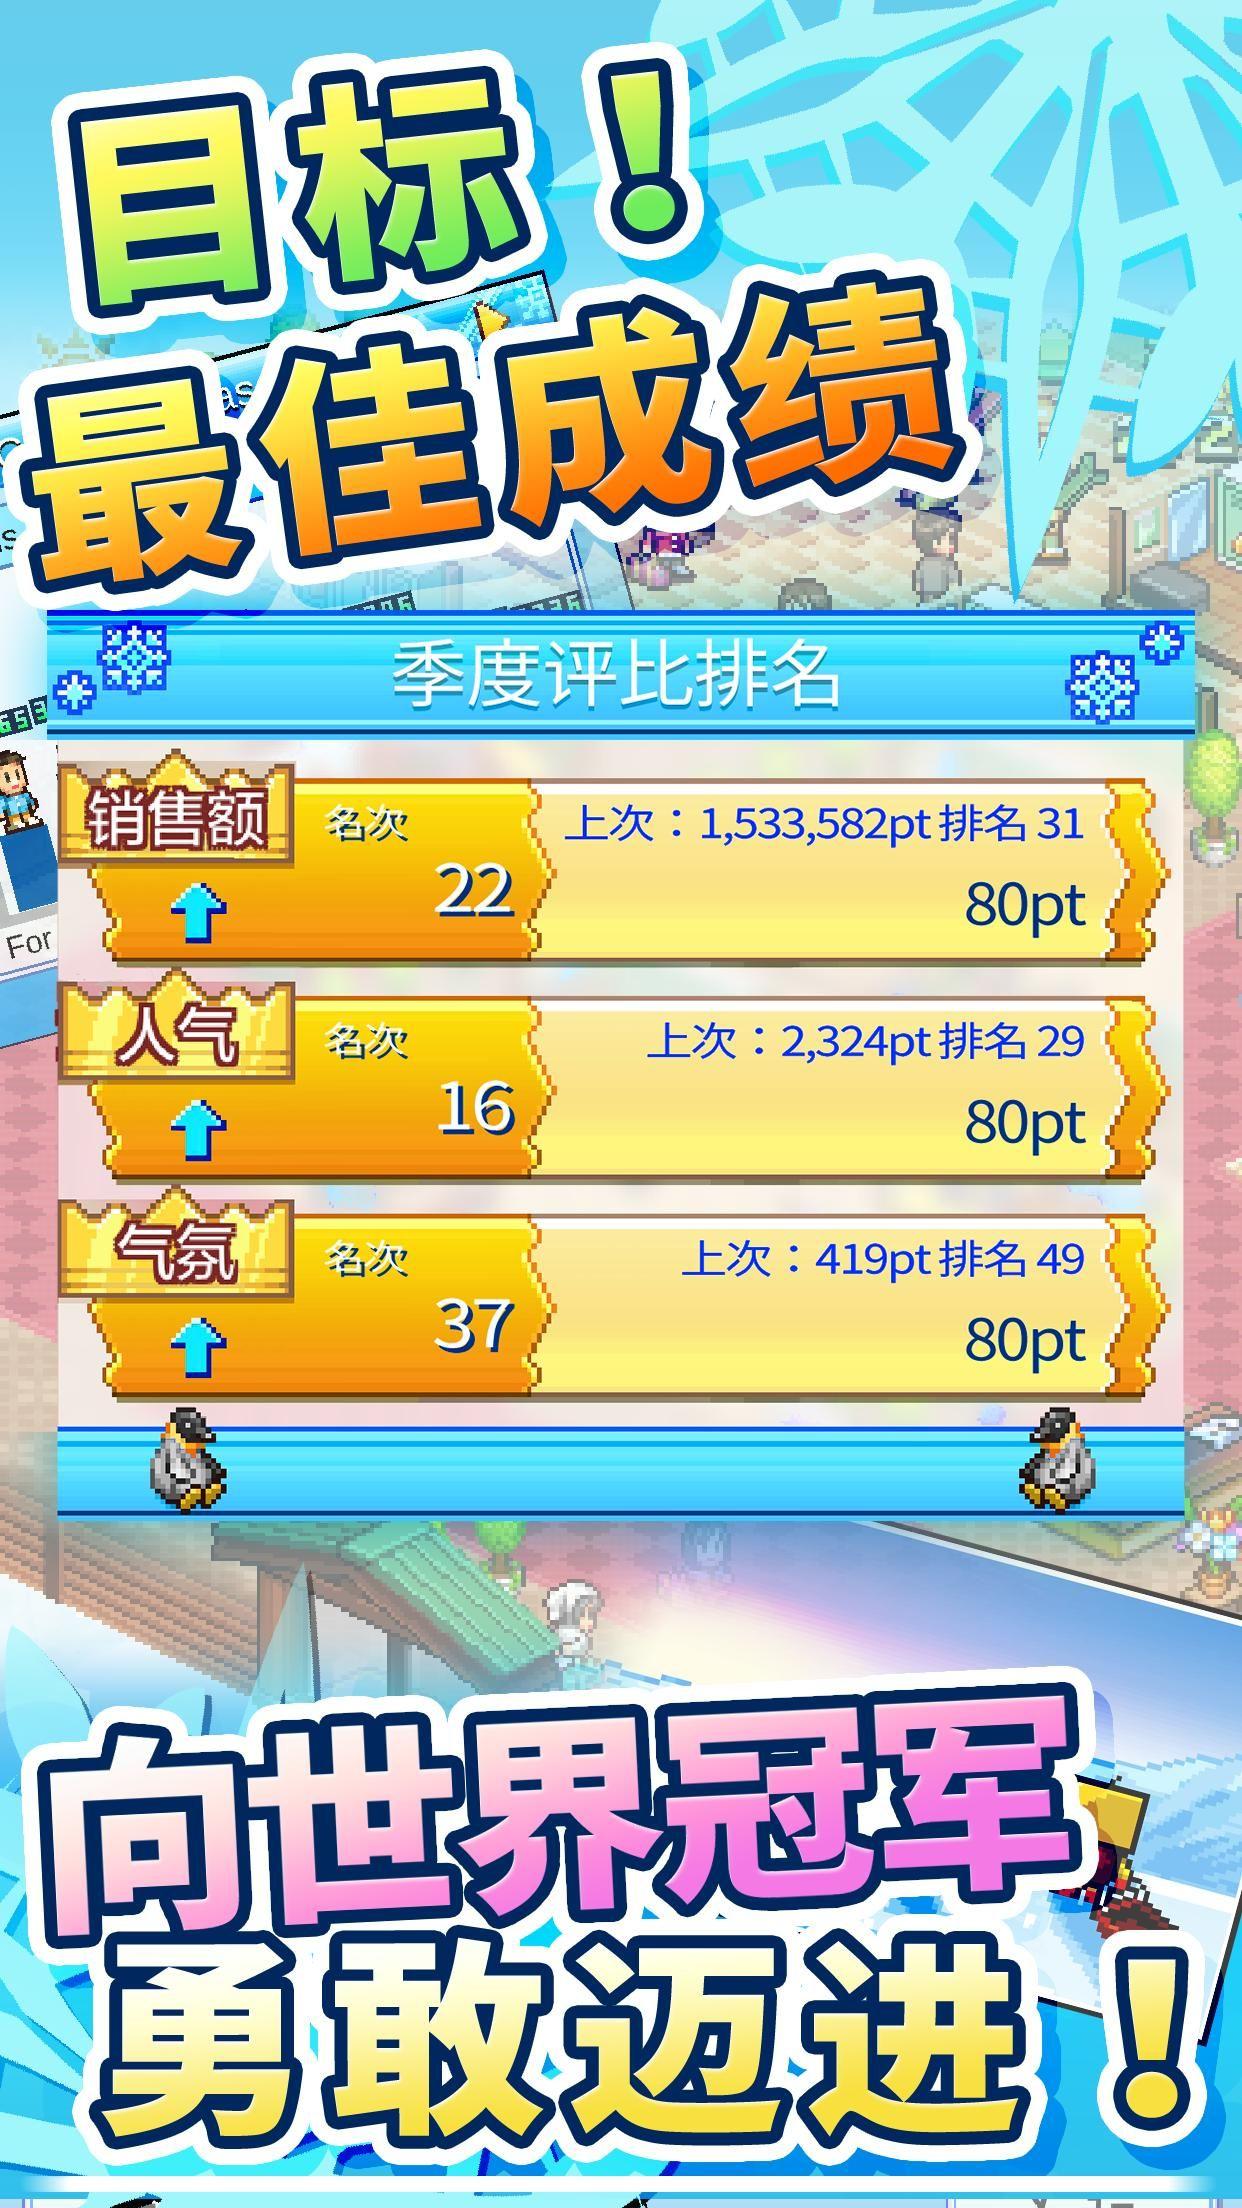 开罗闪耀滑雪场物语游戏安卓最新中文版地址图1: